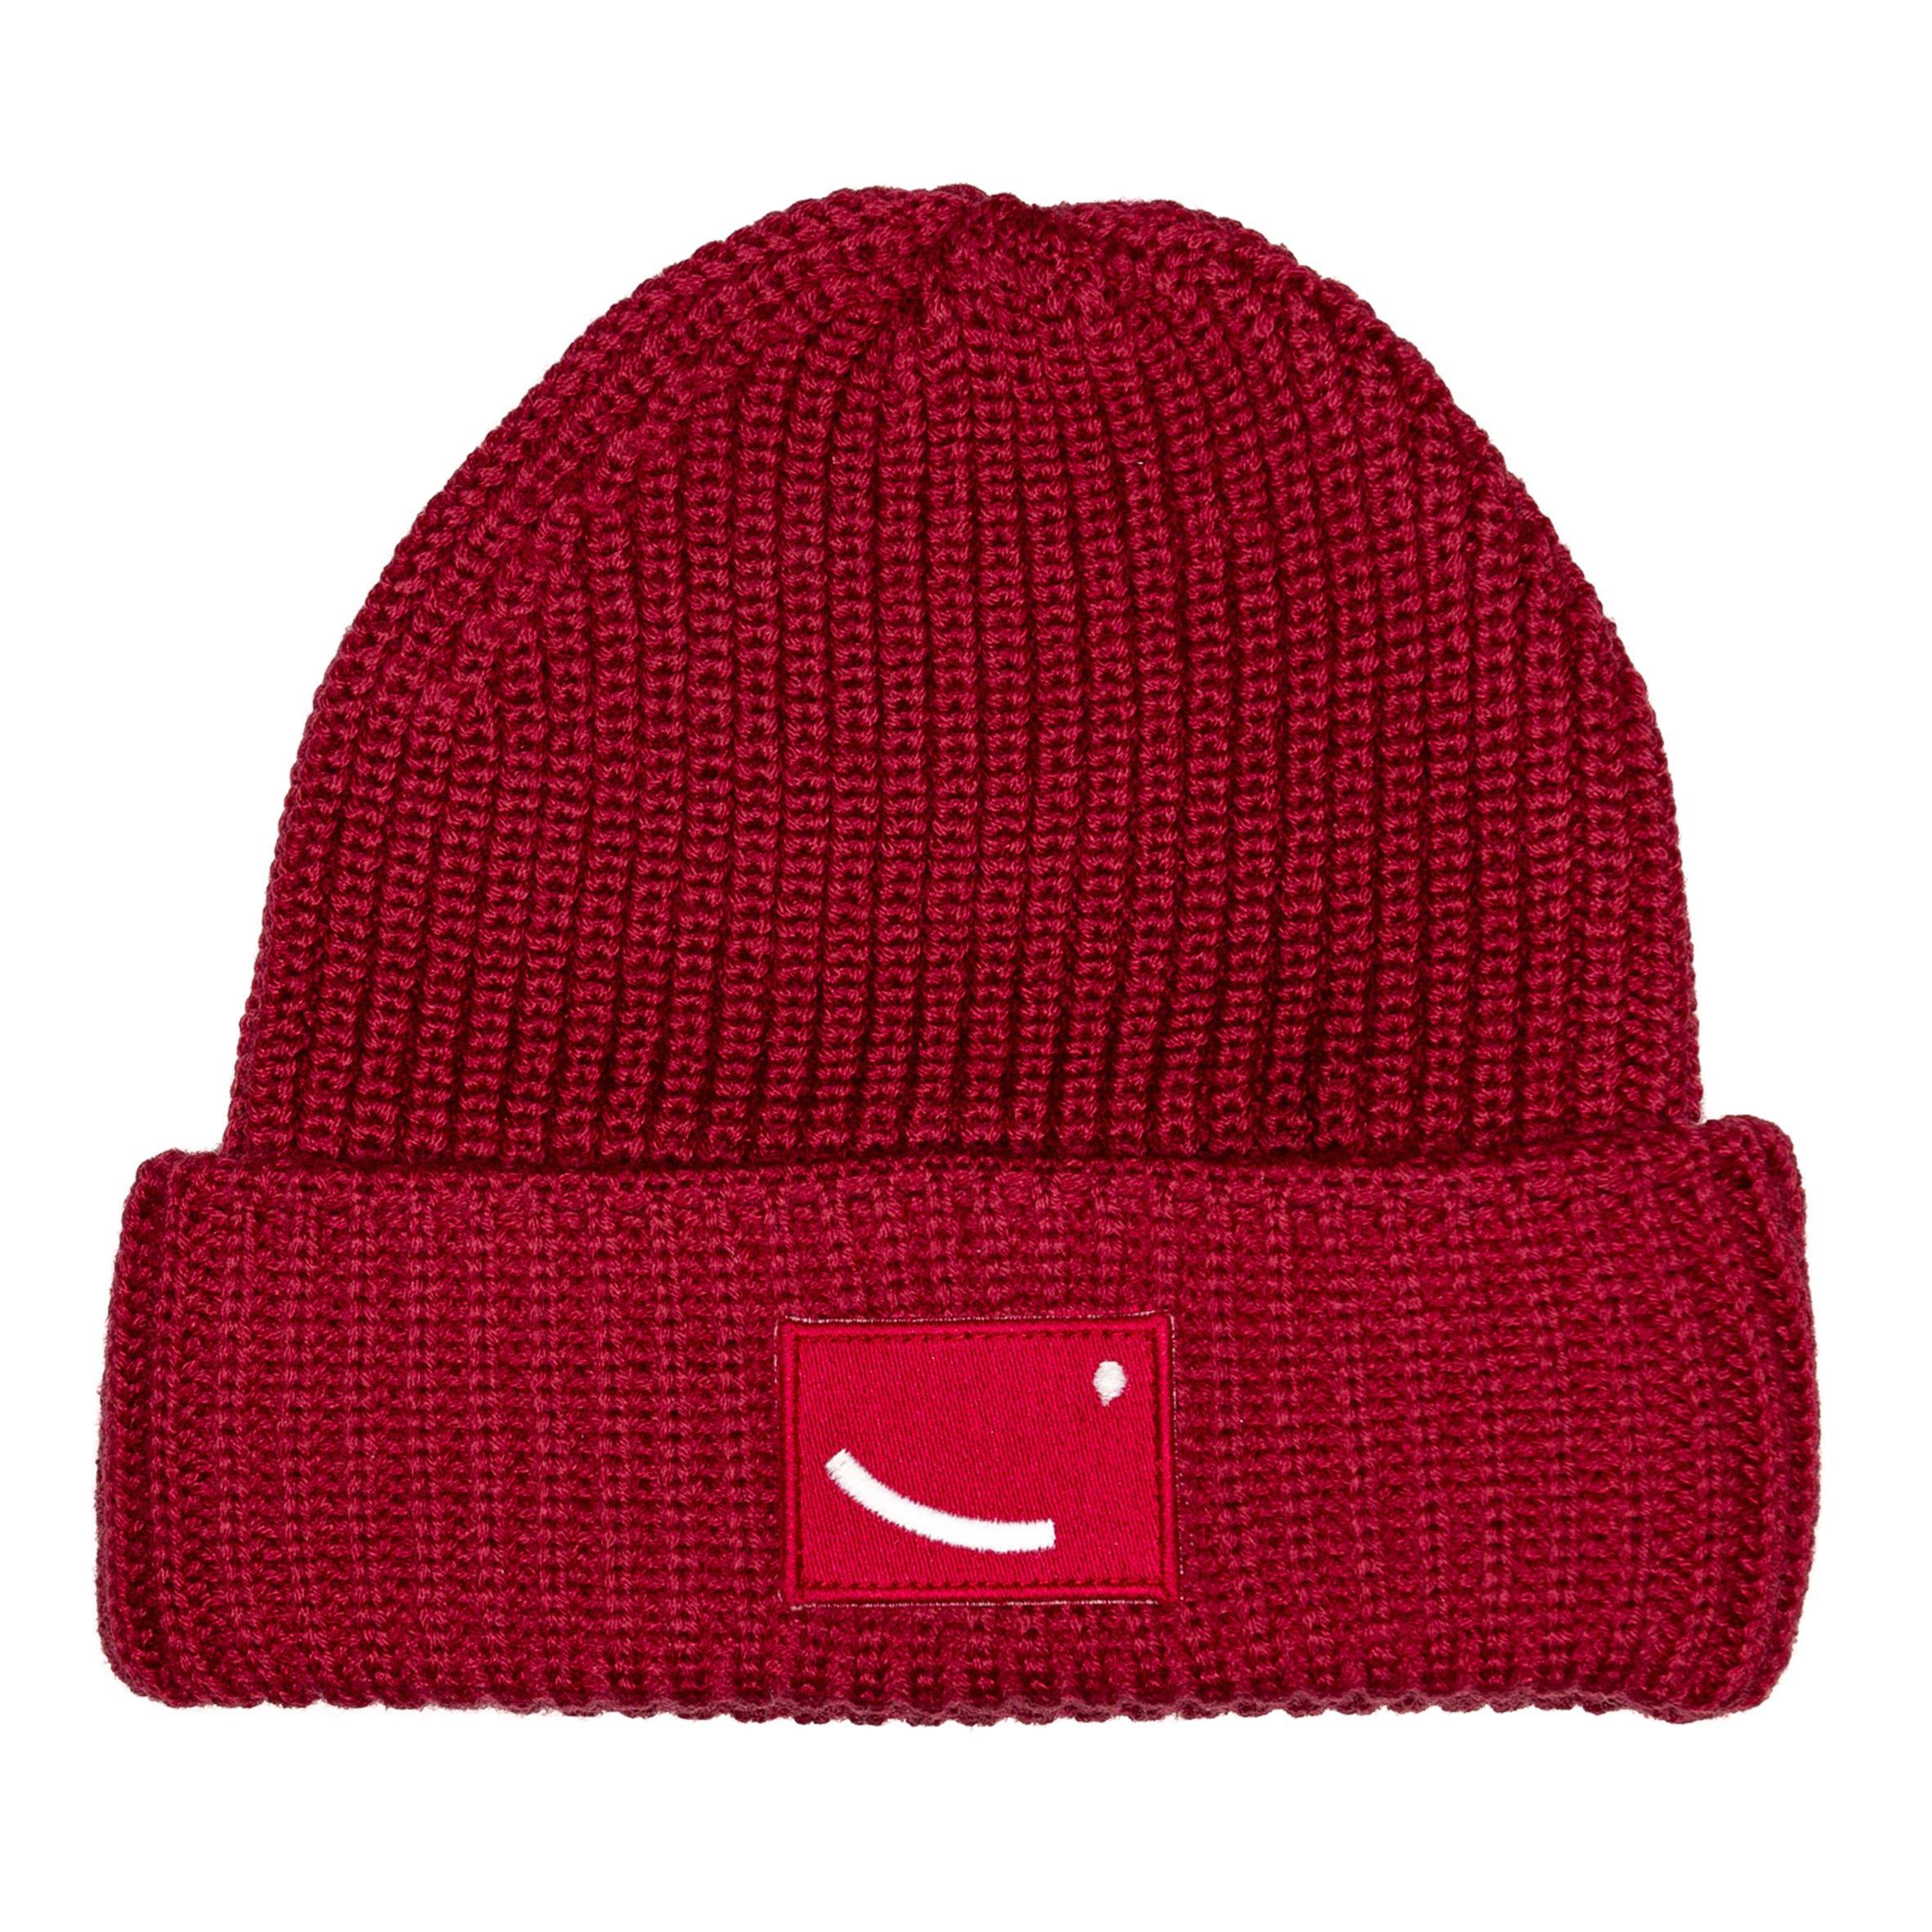 Beanie Luanda red from hatsup